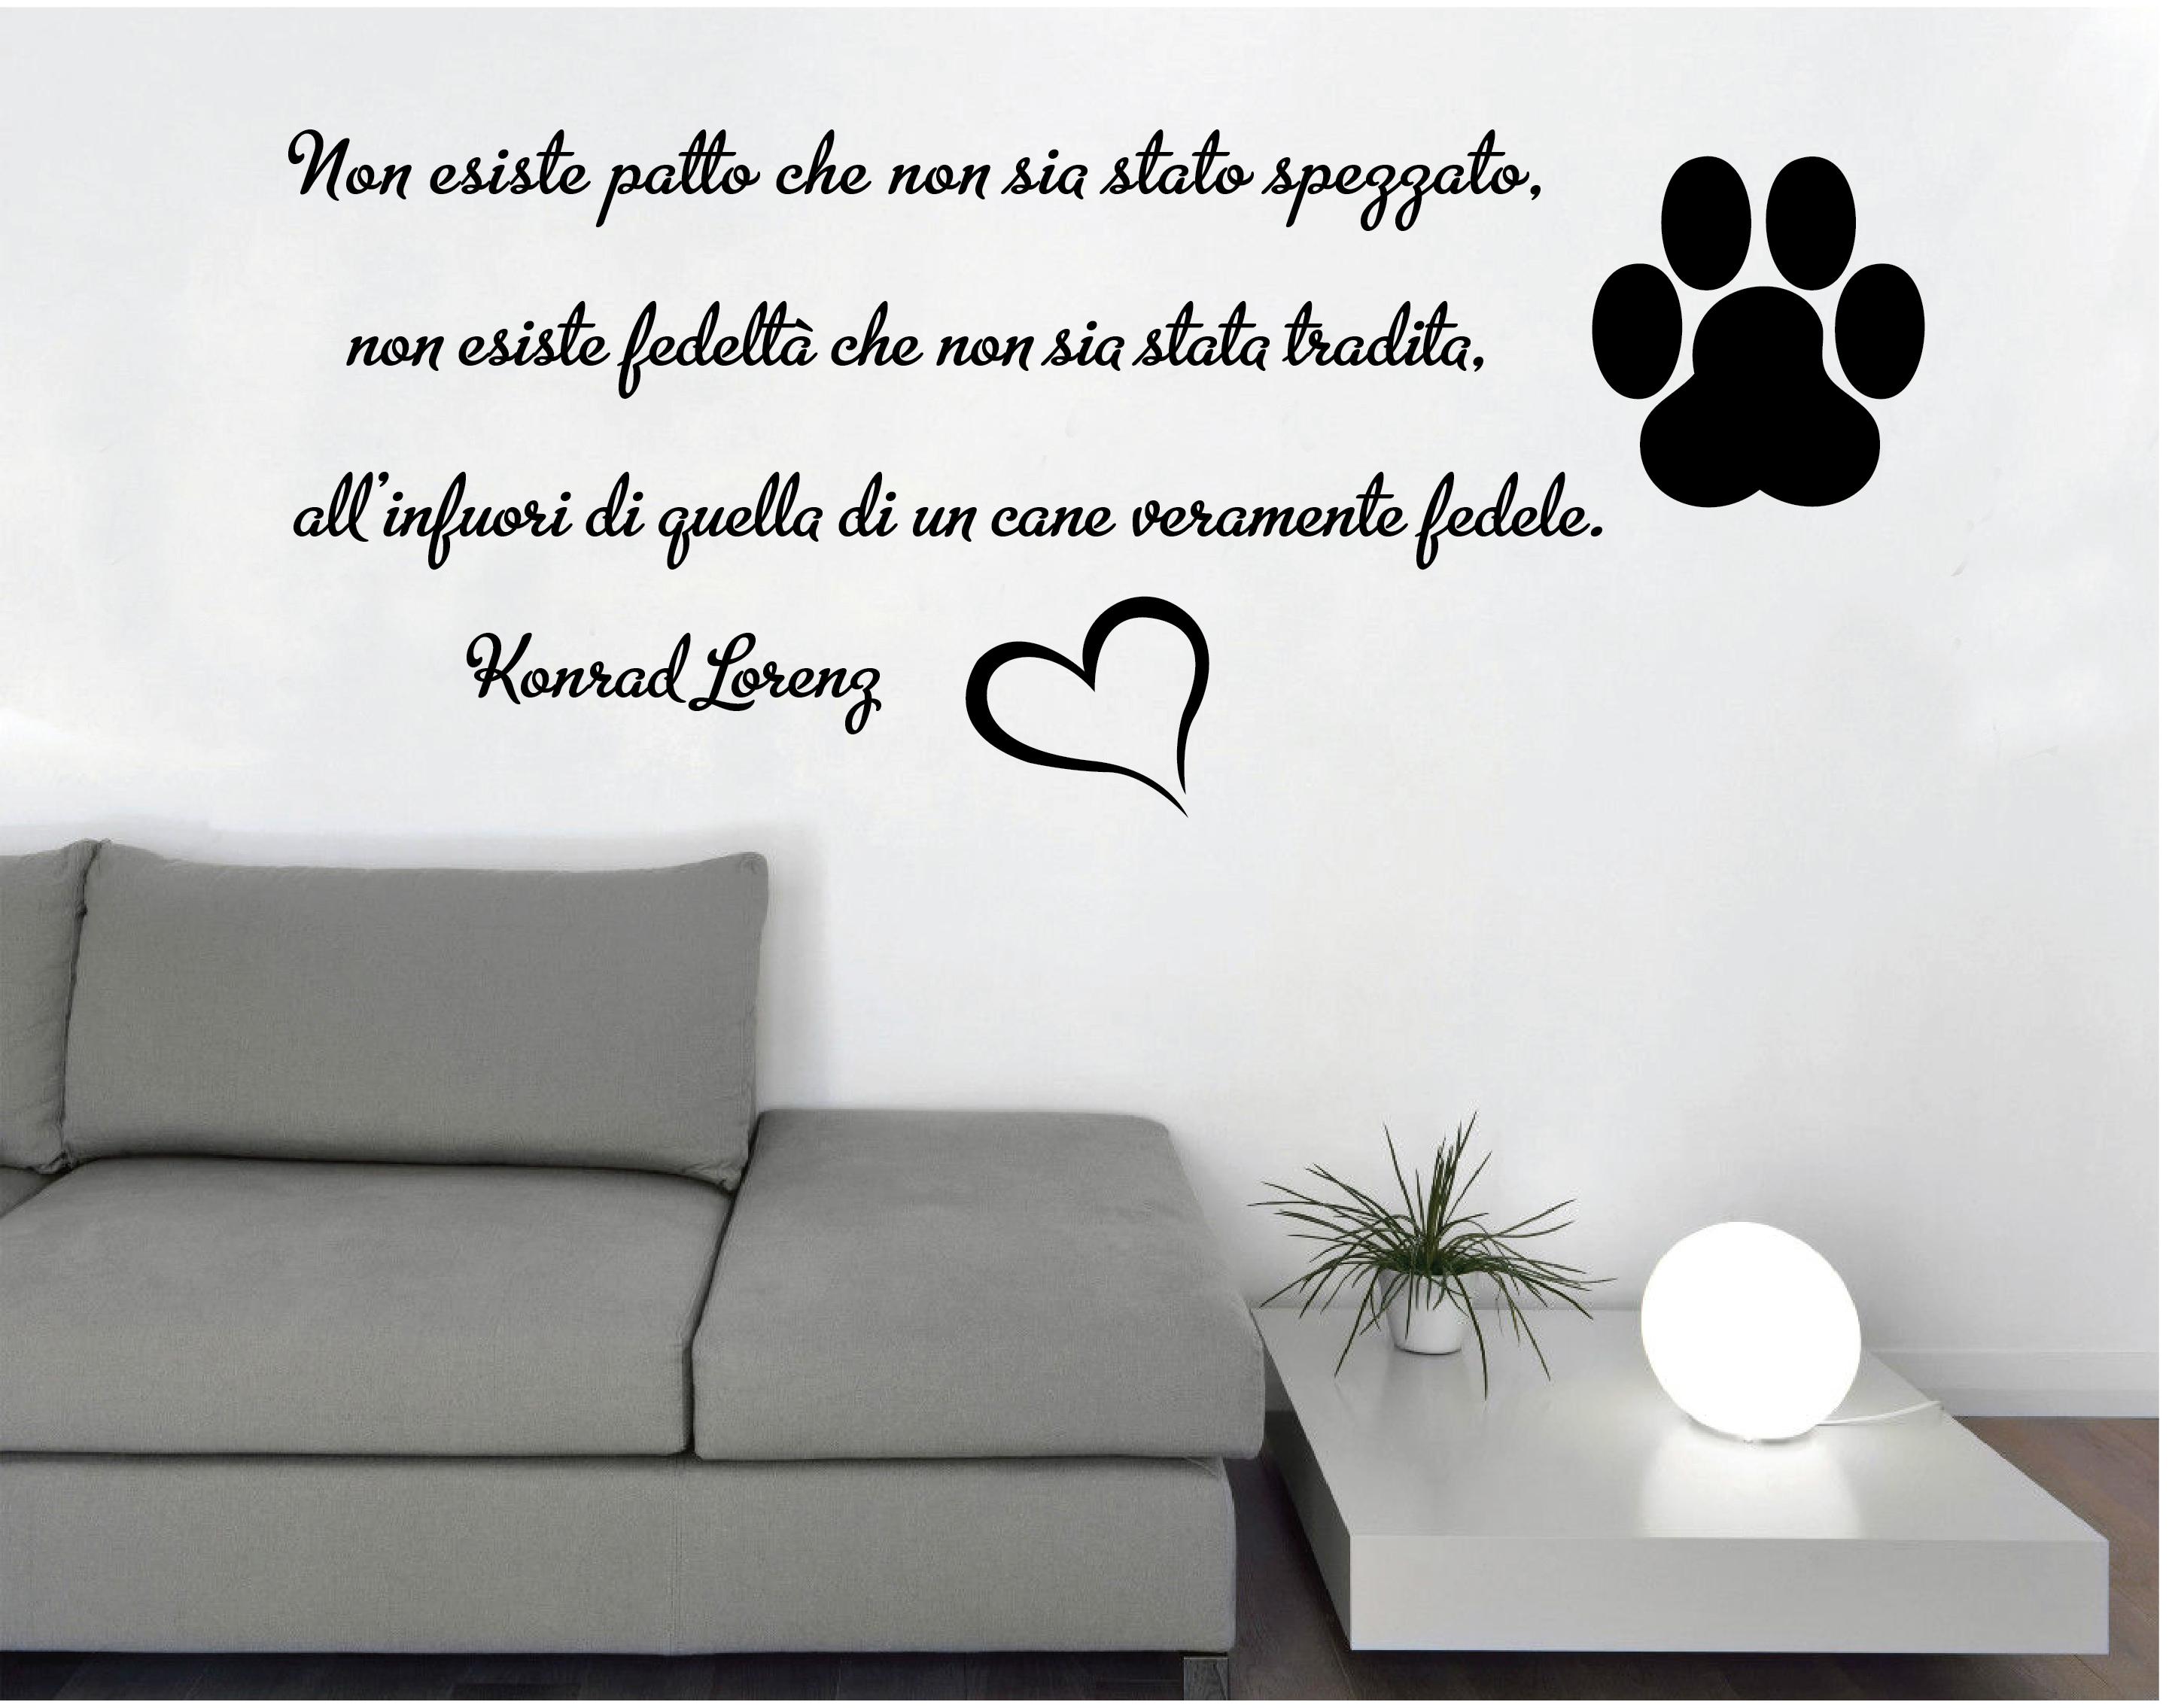 Wall stickers adesivi murali frase cane fedele parete muro - Camera da letto decorazioni murali ...